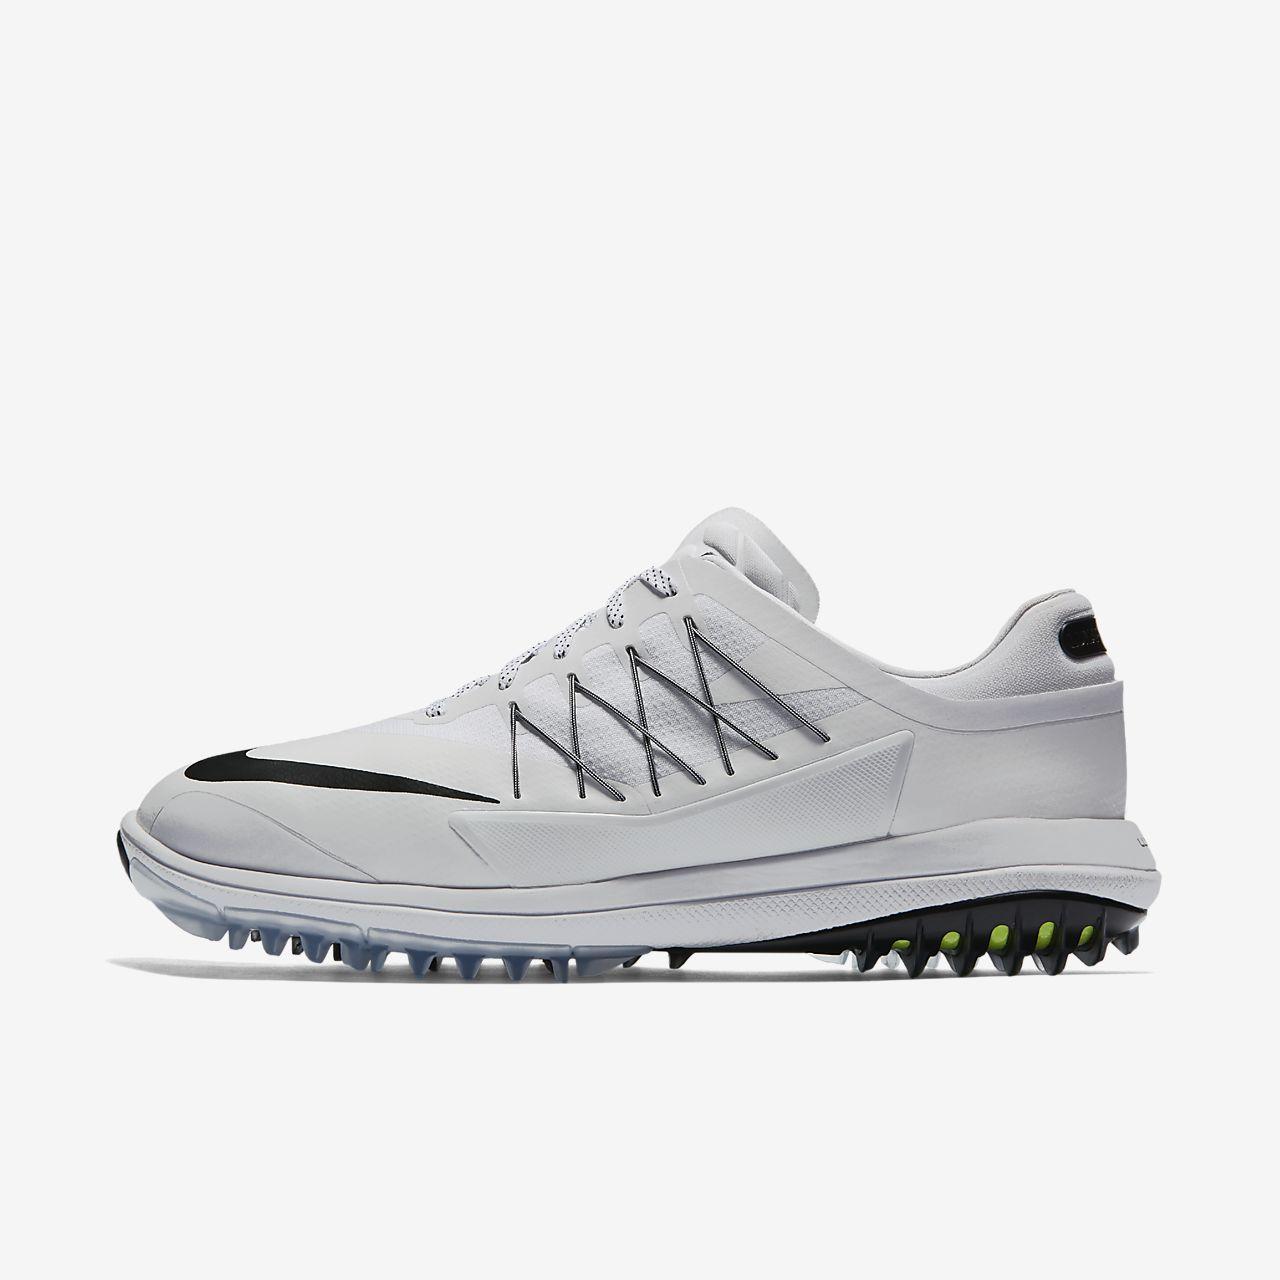 รองเท้ากอล์ฟผู้ชาย Nike Lunar Control Vapor (หน้ากว้าง)